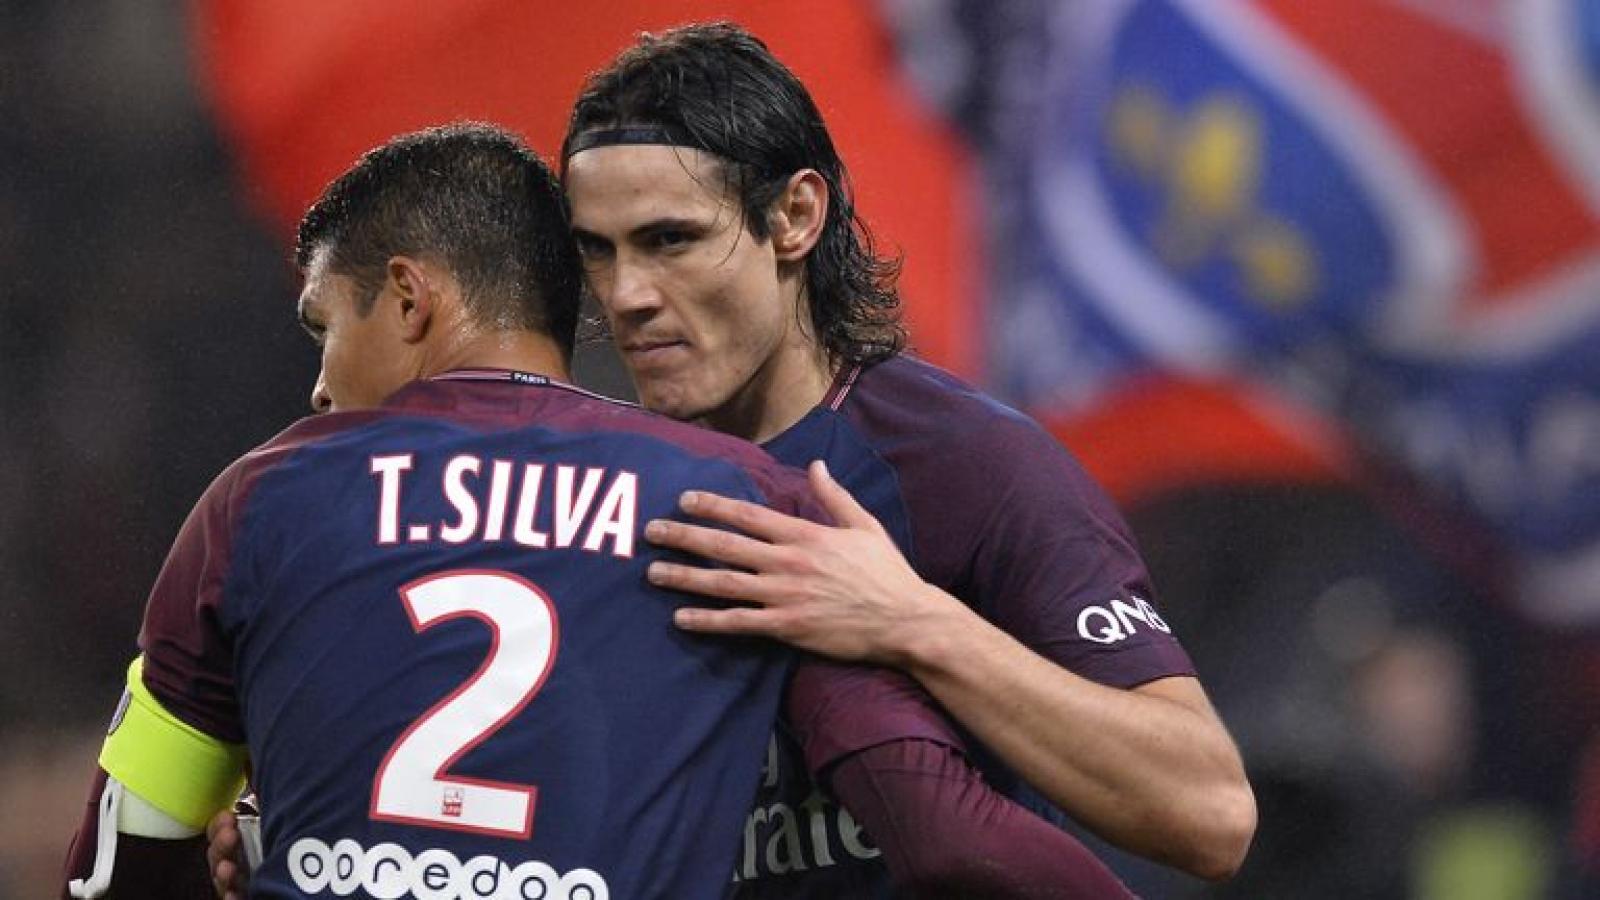 Edison Cavani và Thiago Silva sẽ rời PSG theo dạng chuyển nhượng tự do